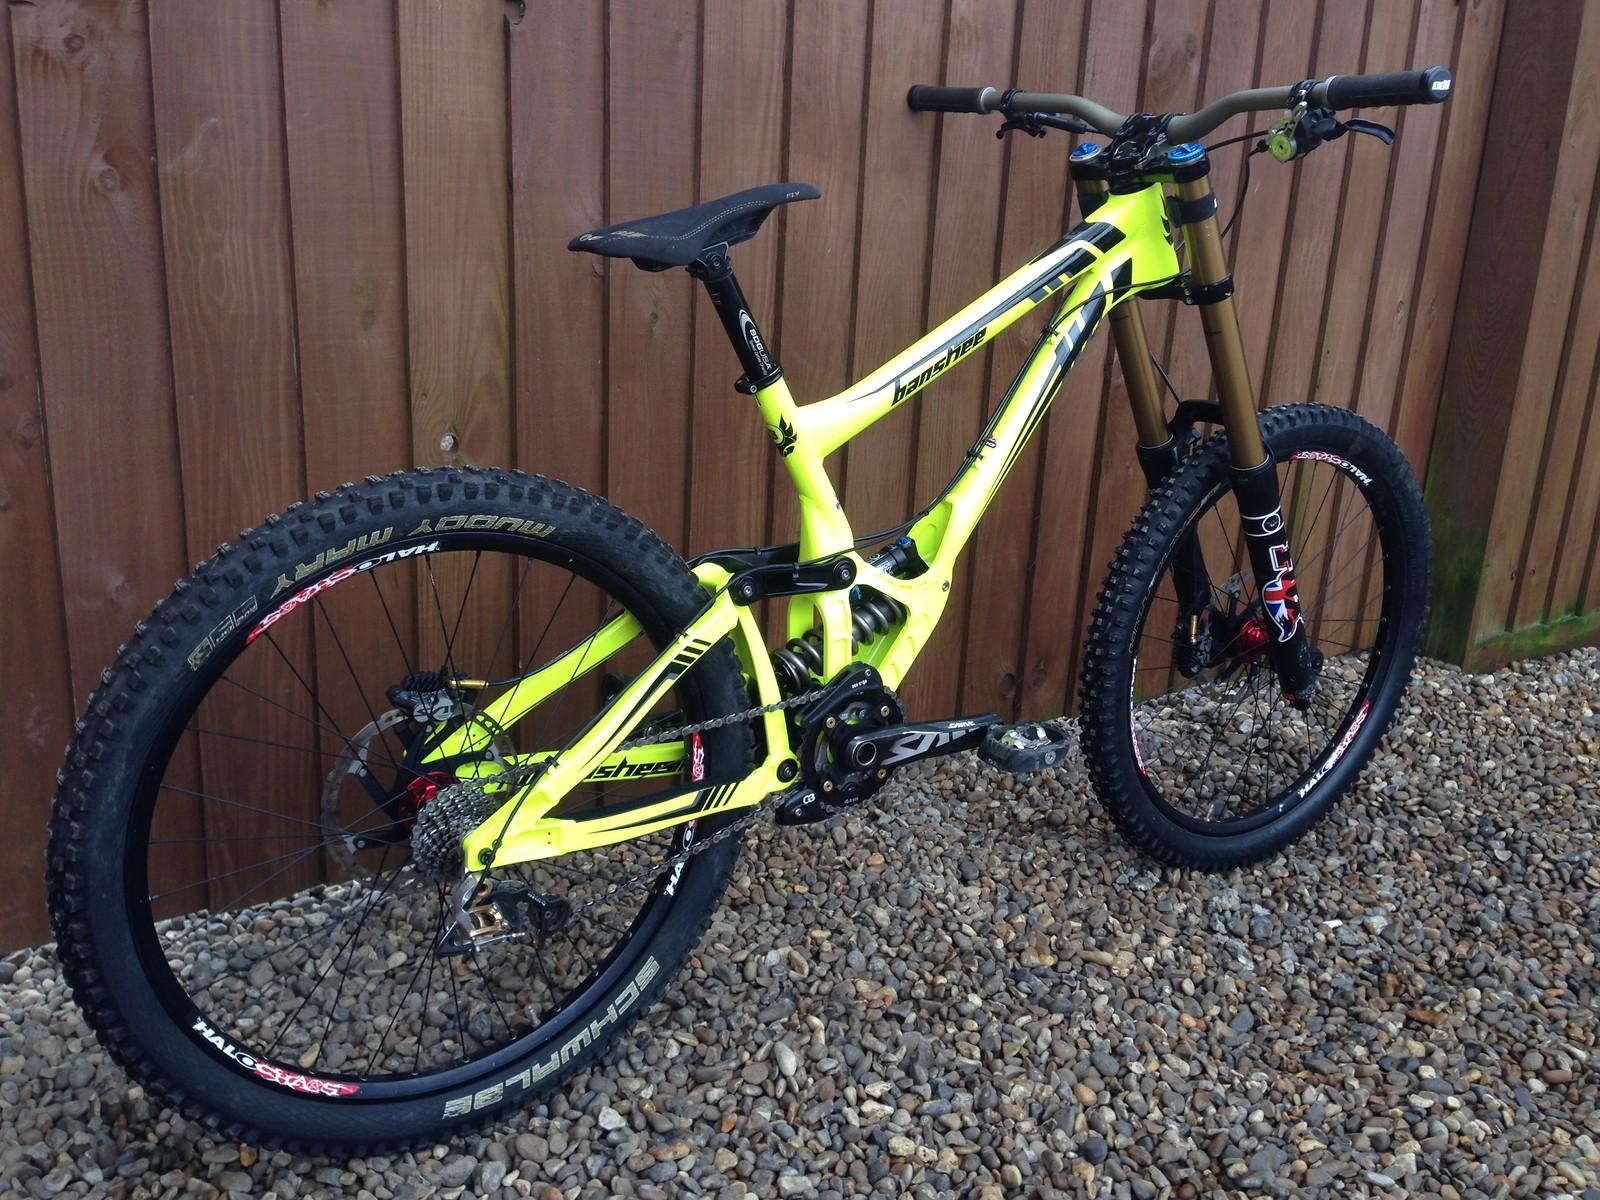 Banshee Bikes Legend MKII 2014